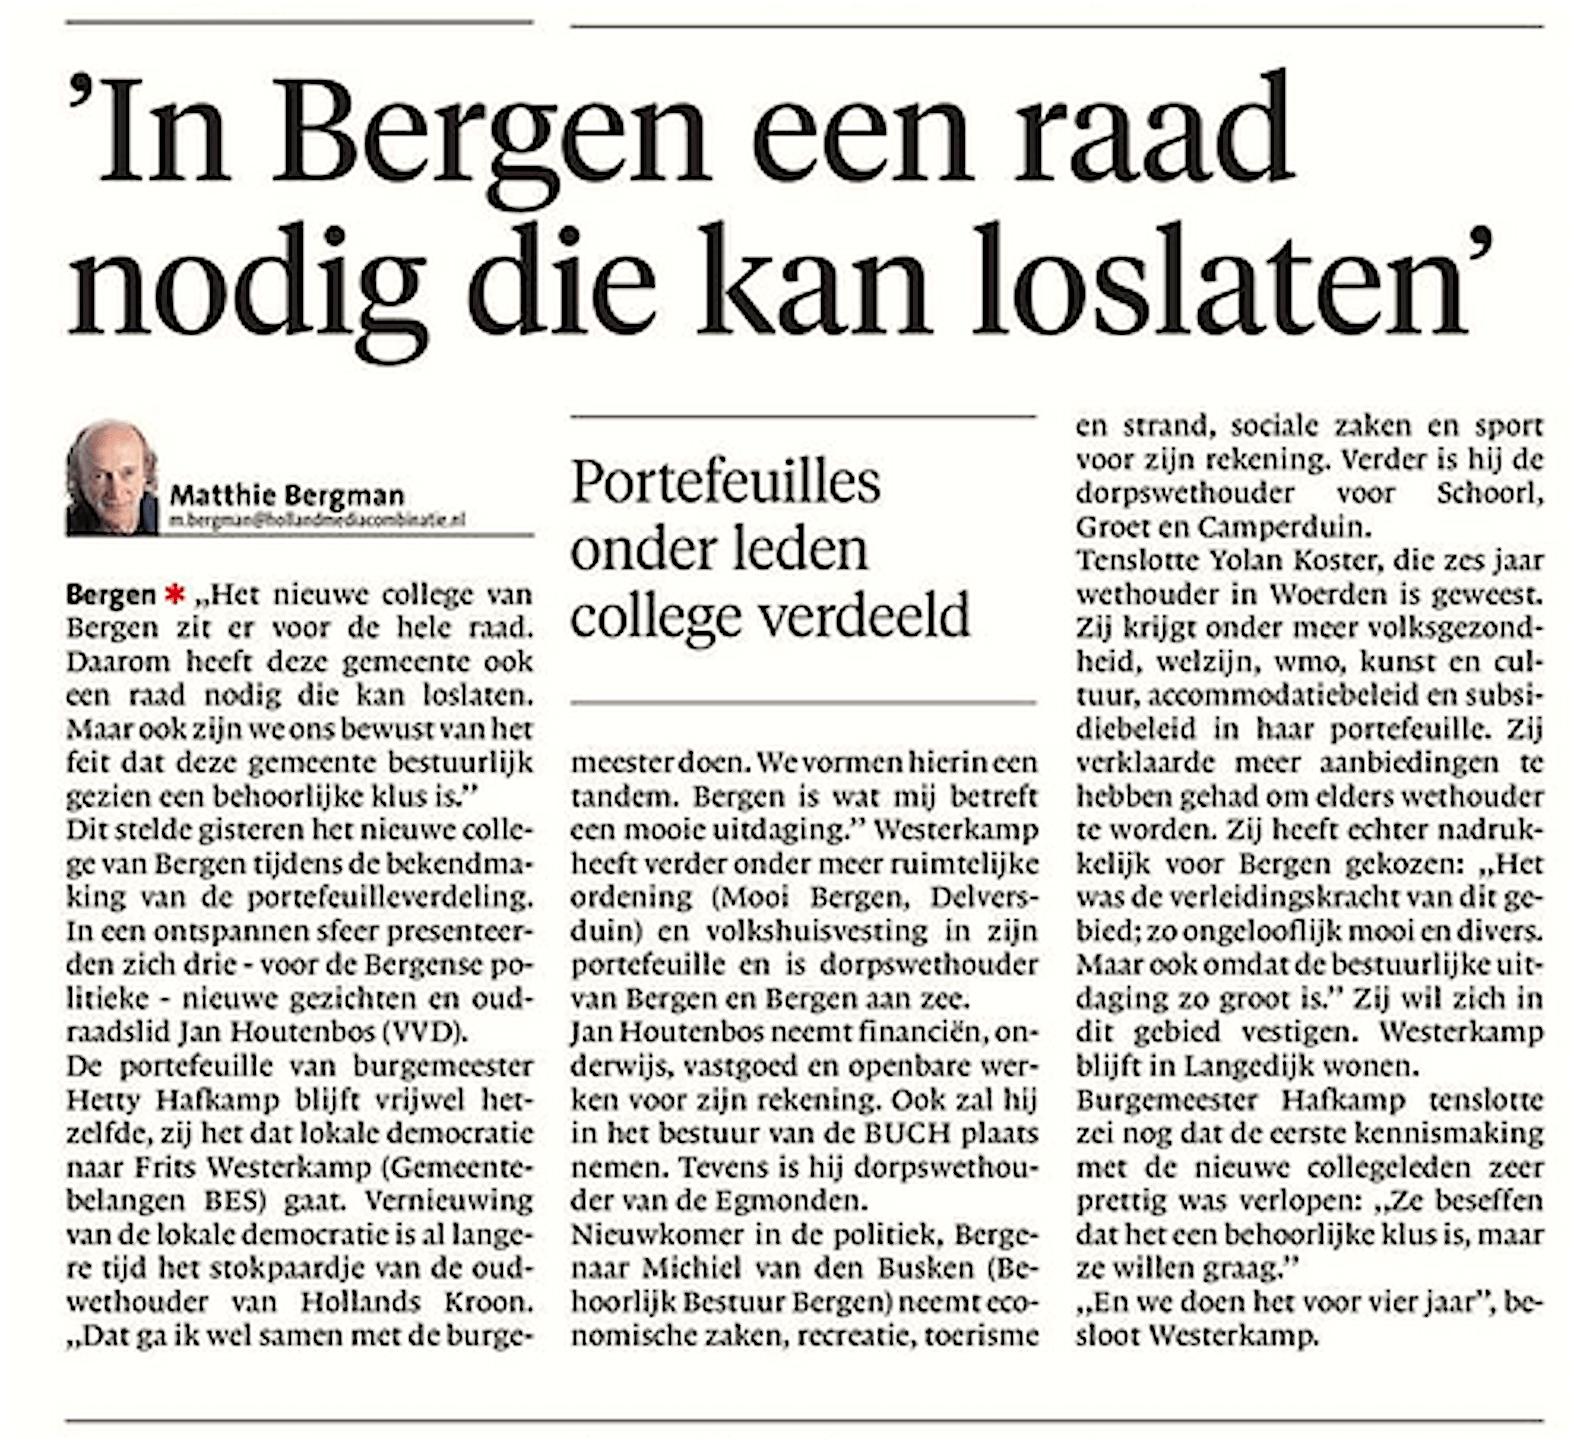 Alkmaarse Courant, 6 juni 2018